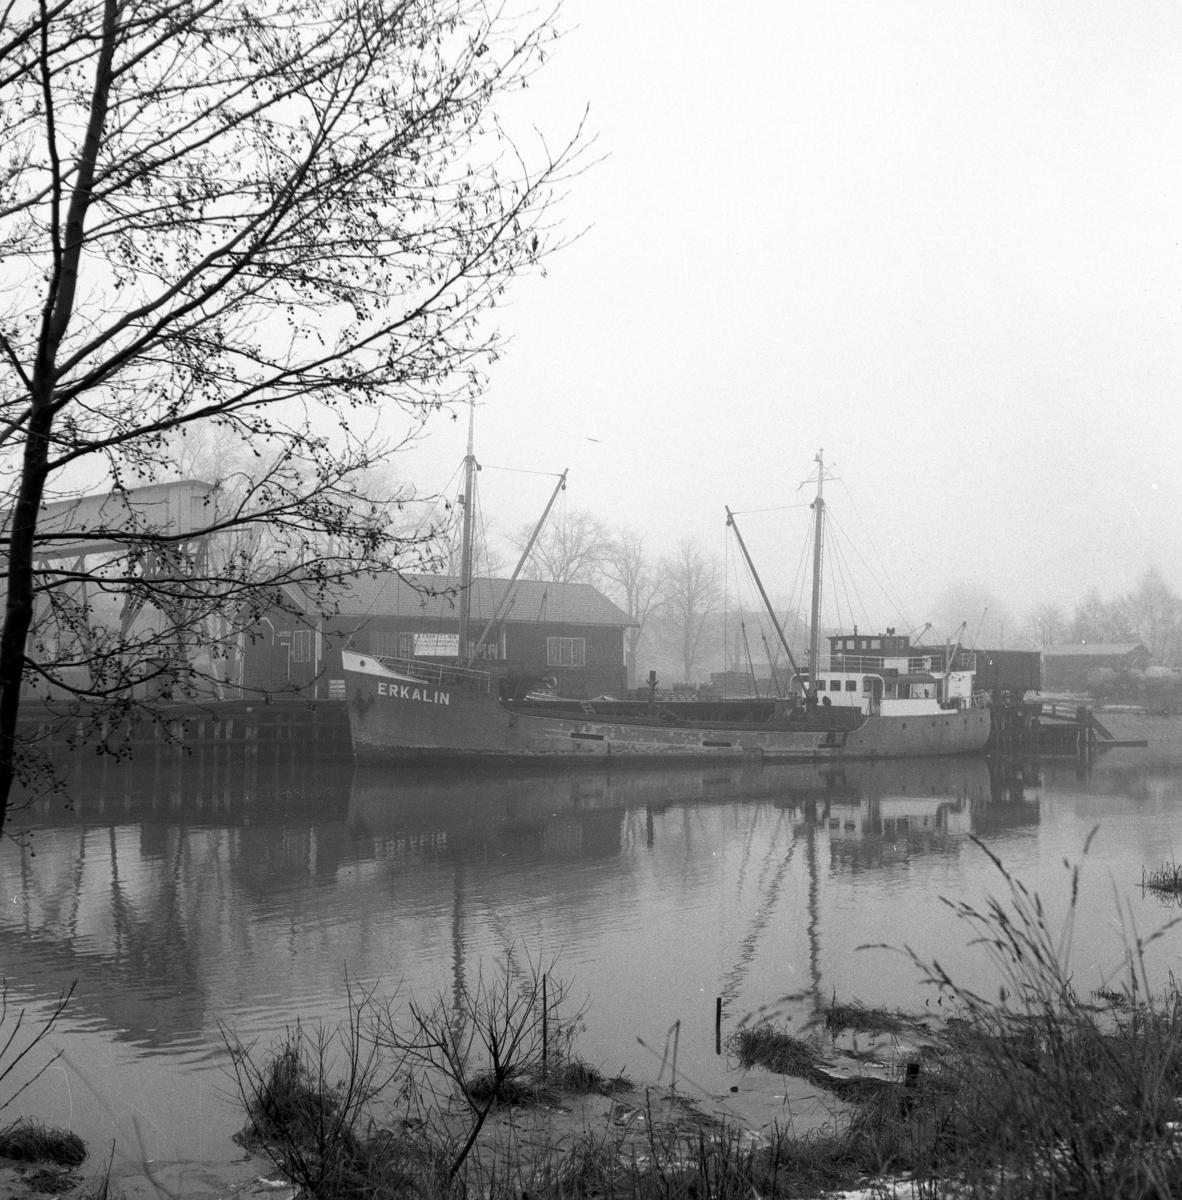 """Hamnen. En stor båt, vid namn Erkalin, ligger i hamnen. Vädret är disigt. Ett hamnmagasin syns bakom båten och längst till vänster, bakom trädet, skymtar """"lastningsröret"""" på Lantmännens silo. Bilden är tagen från Arbogaåns södra strand."""